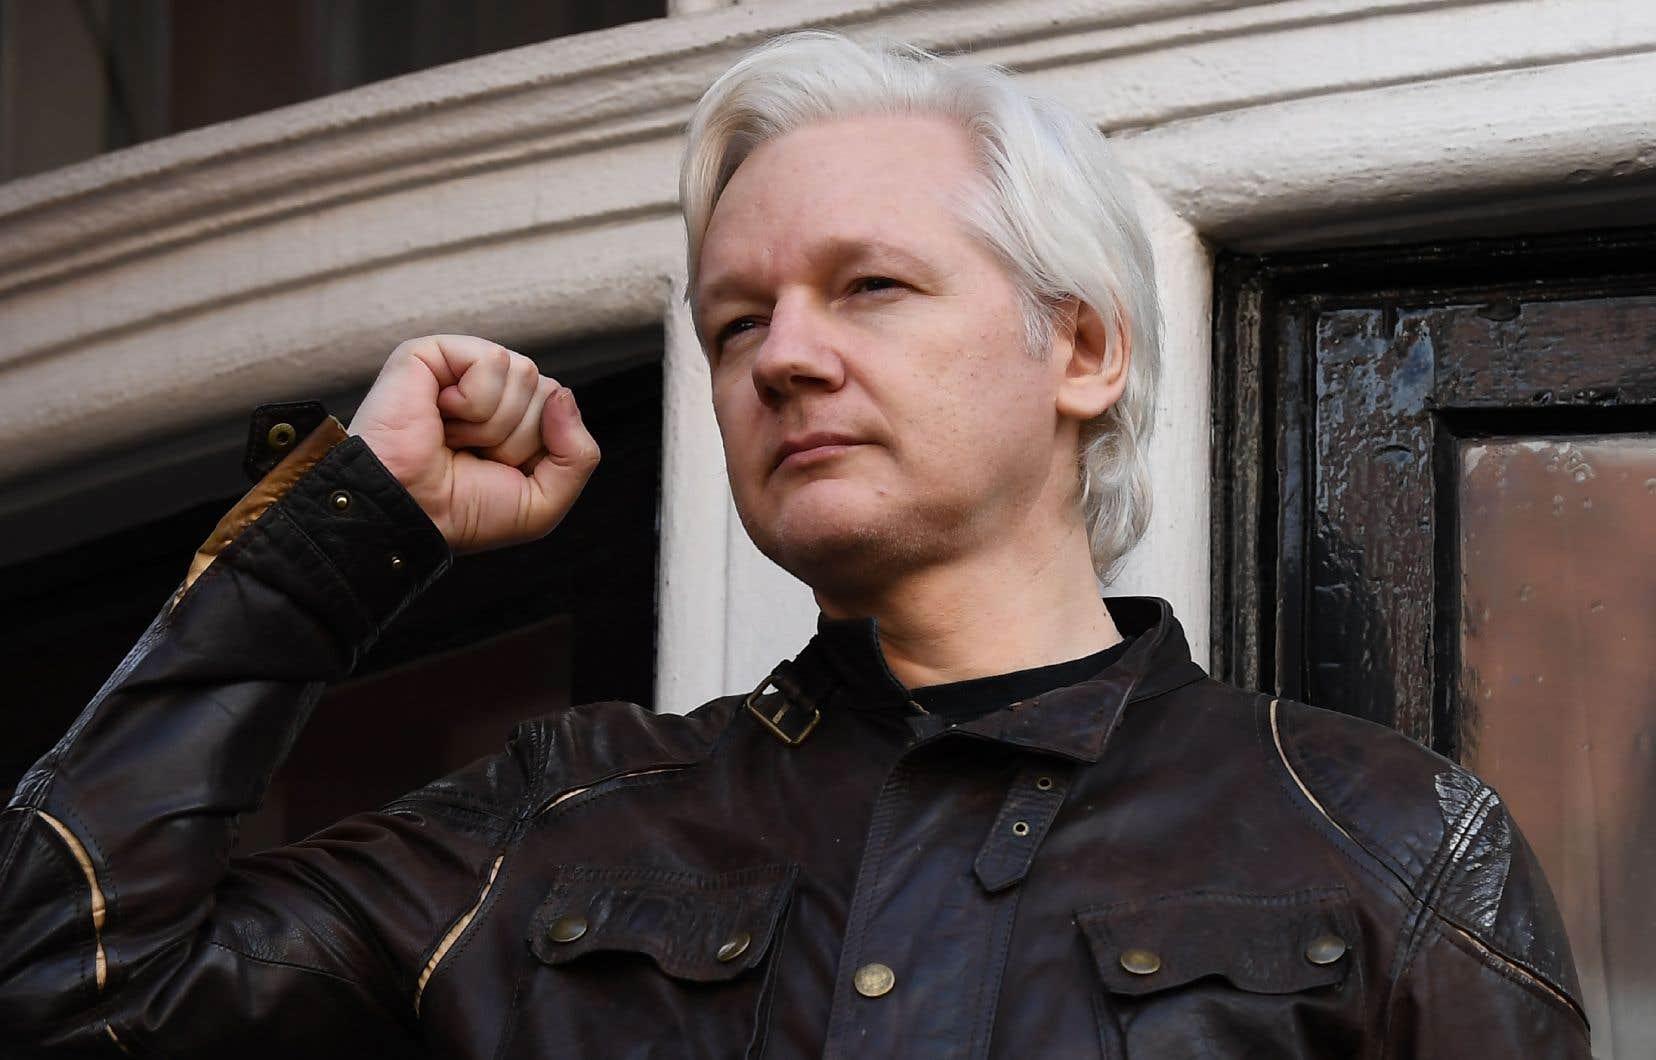 Le fondateur de WikiLeaks, Julian Assange, se terre depuis plus de cinq ans dans l'ambassade équatorienne à Londres.